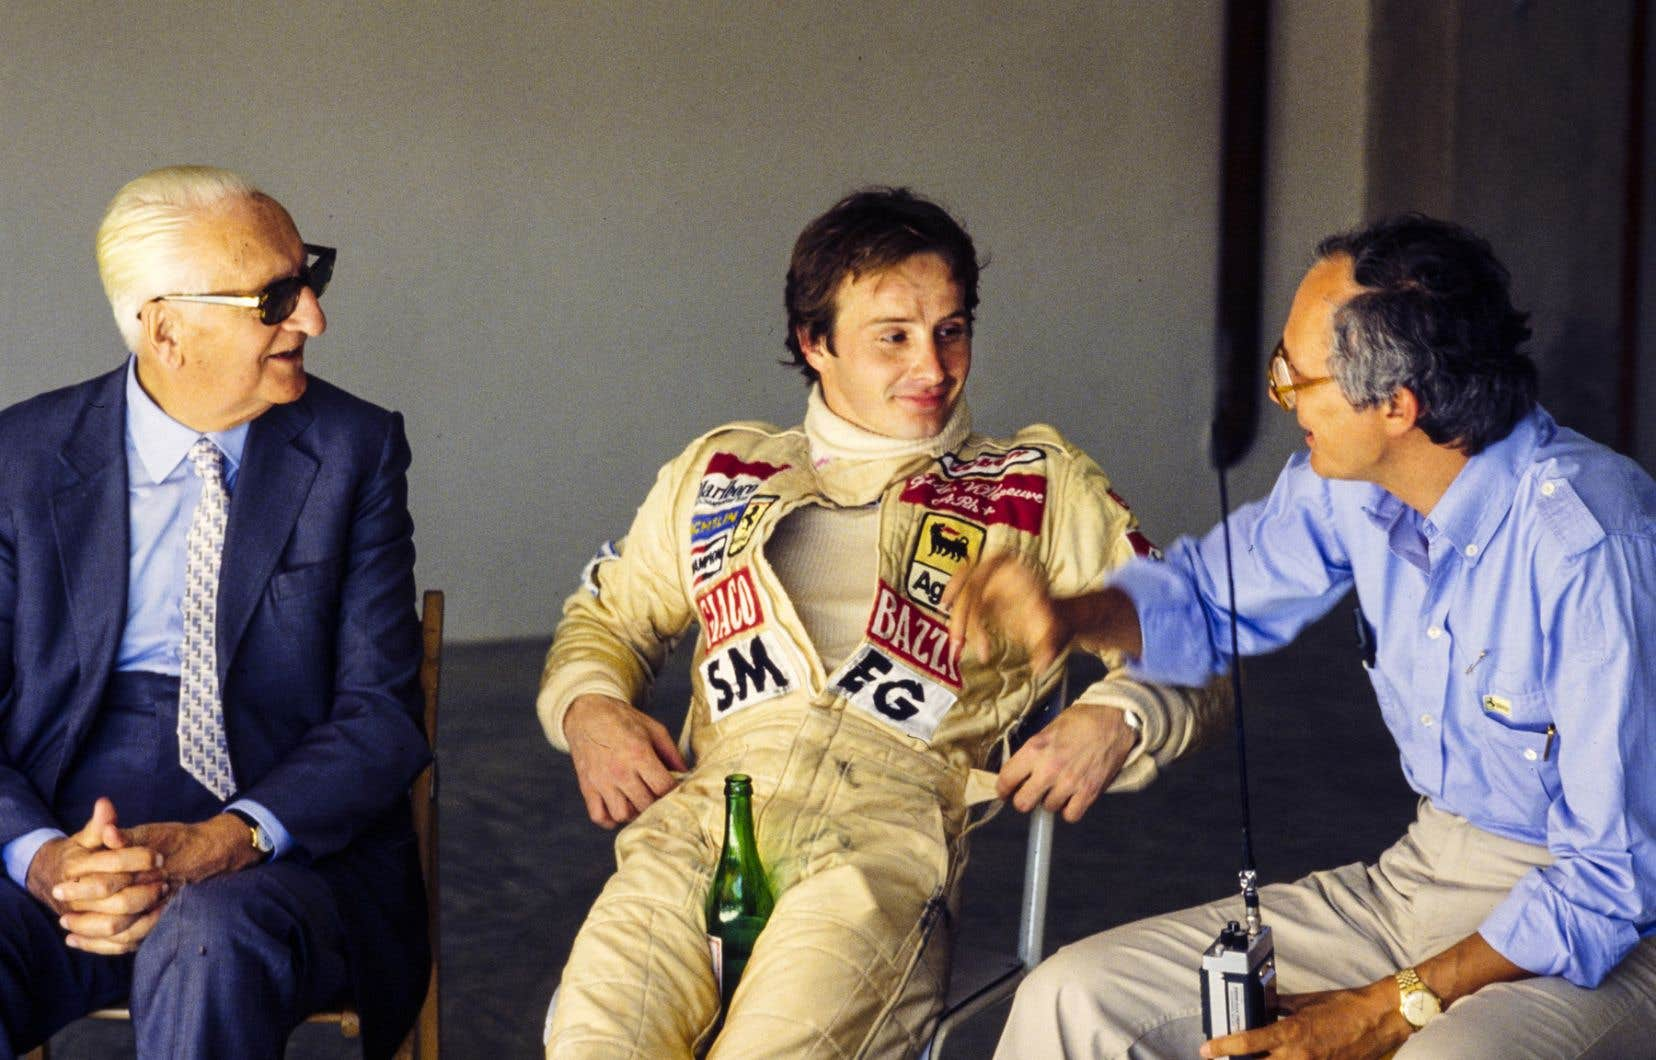 Une scène tirée du documentaire «Gilles Villeneuve: à toute vitesse», où on voit le coureur automobile en compagnie d'Enzo Ferrari (à gauche), entre autres.